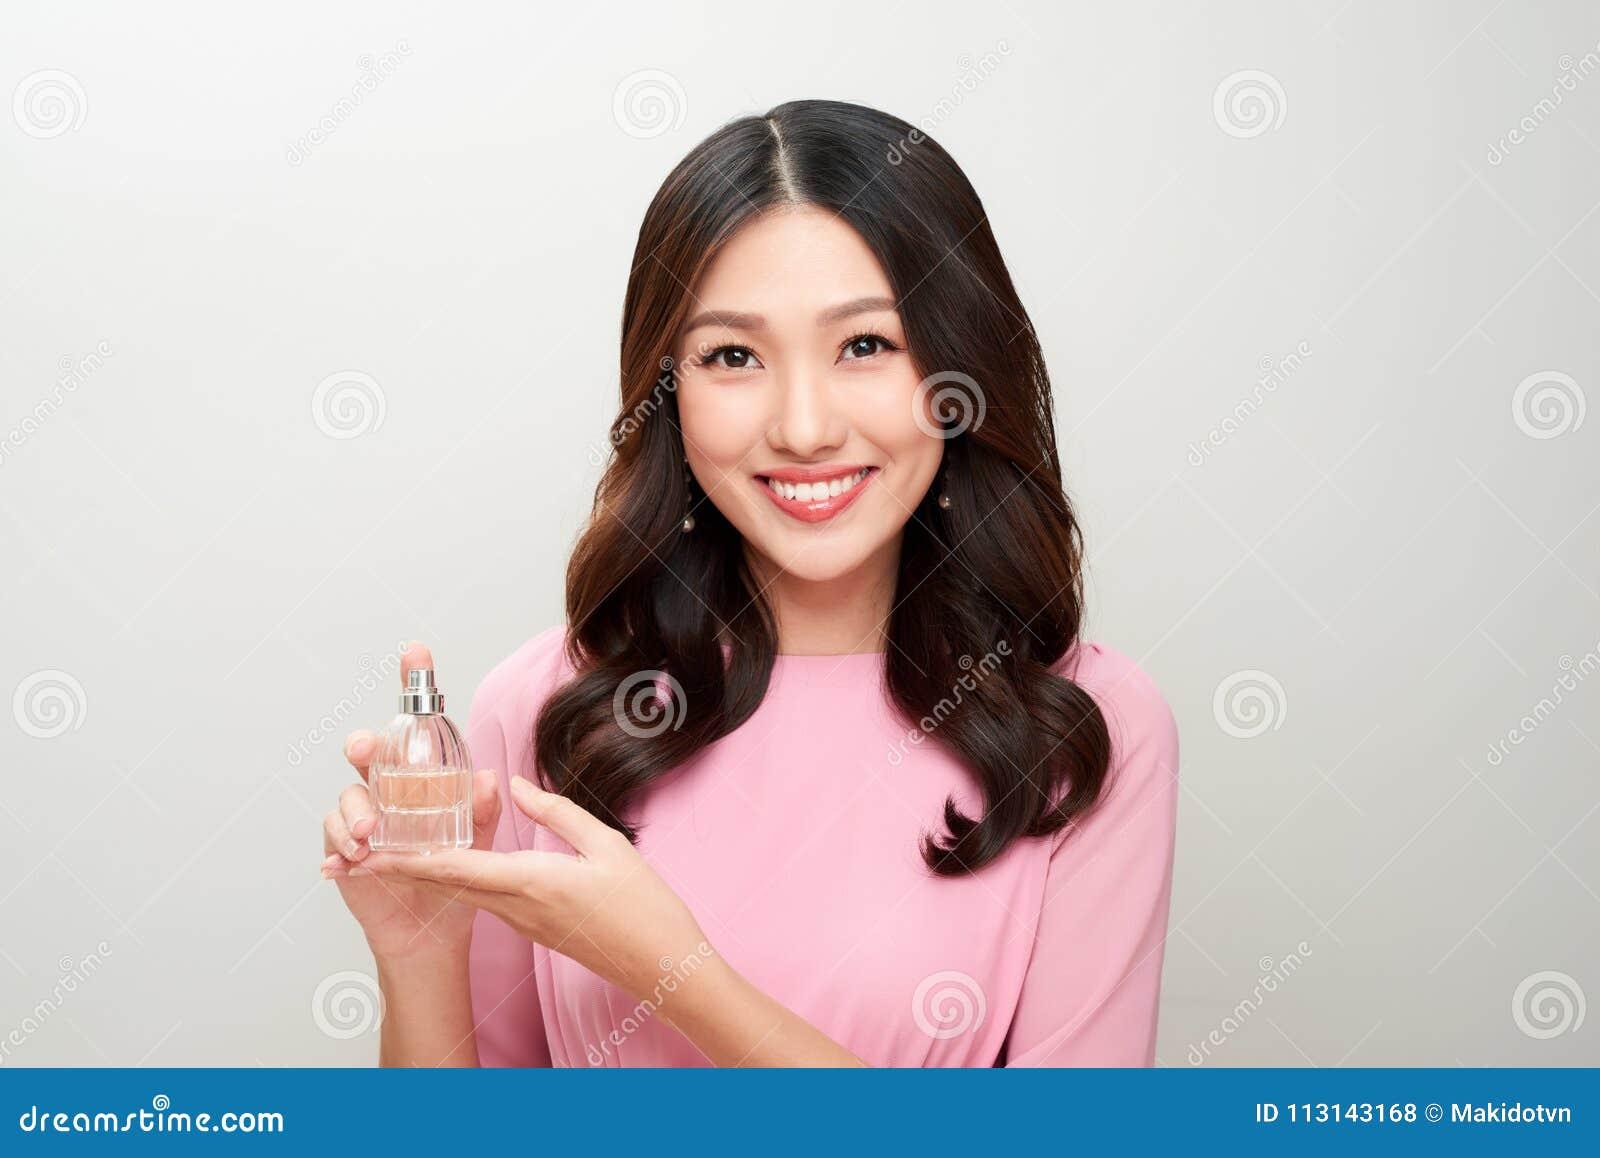 拿着香水瓶和应用它的美丽的亚裔妇女